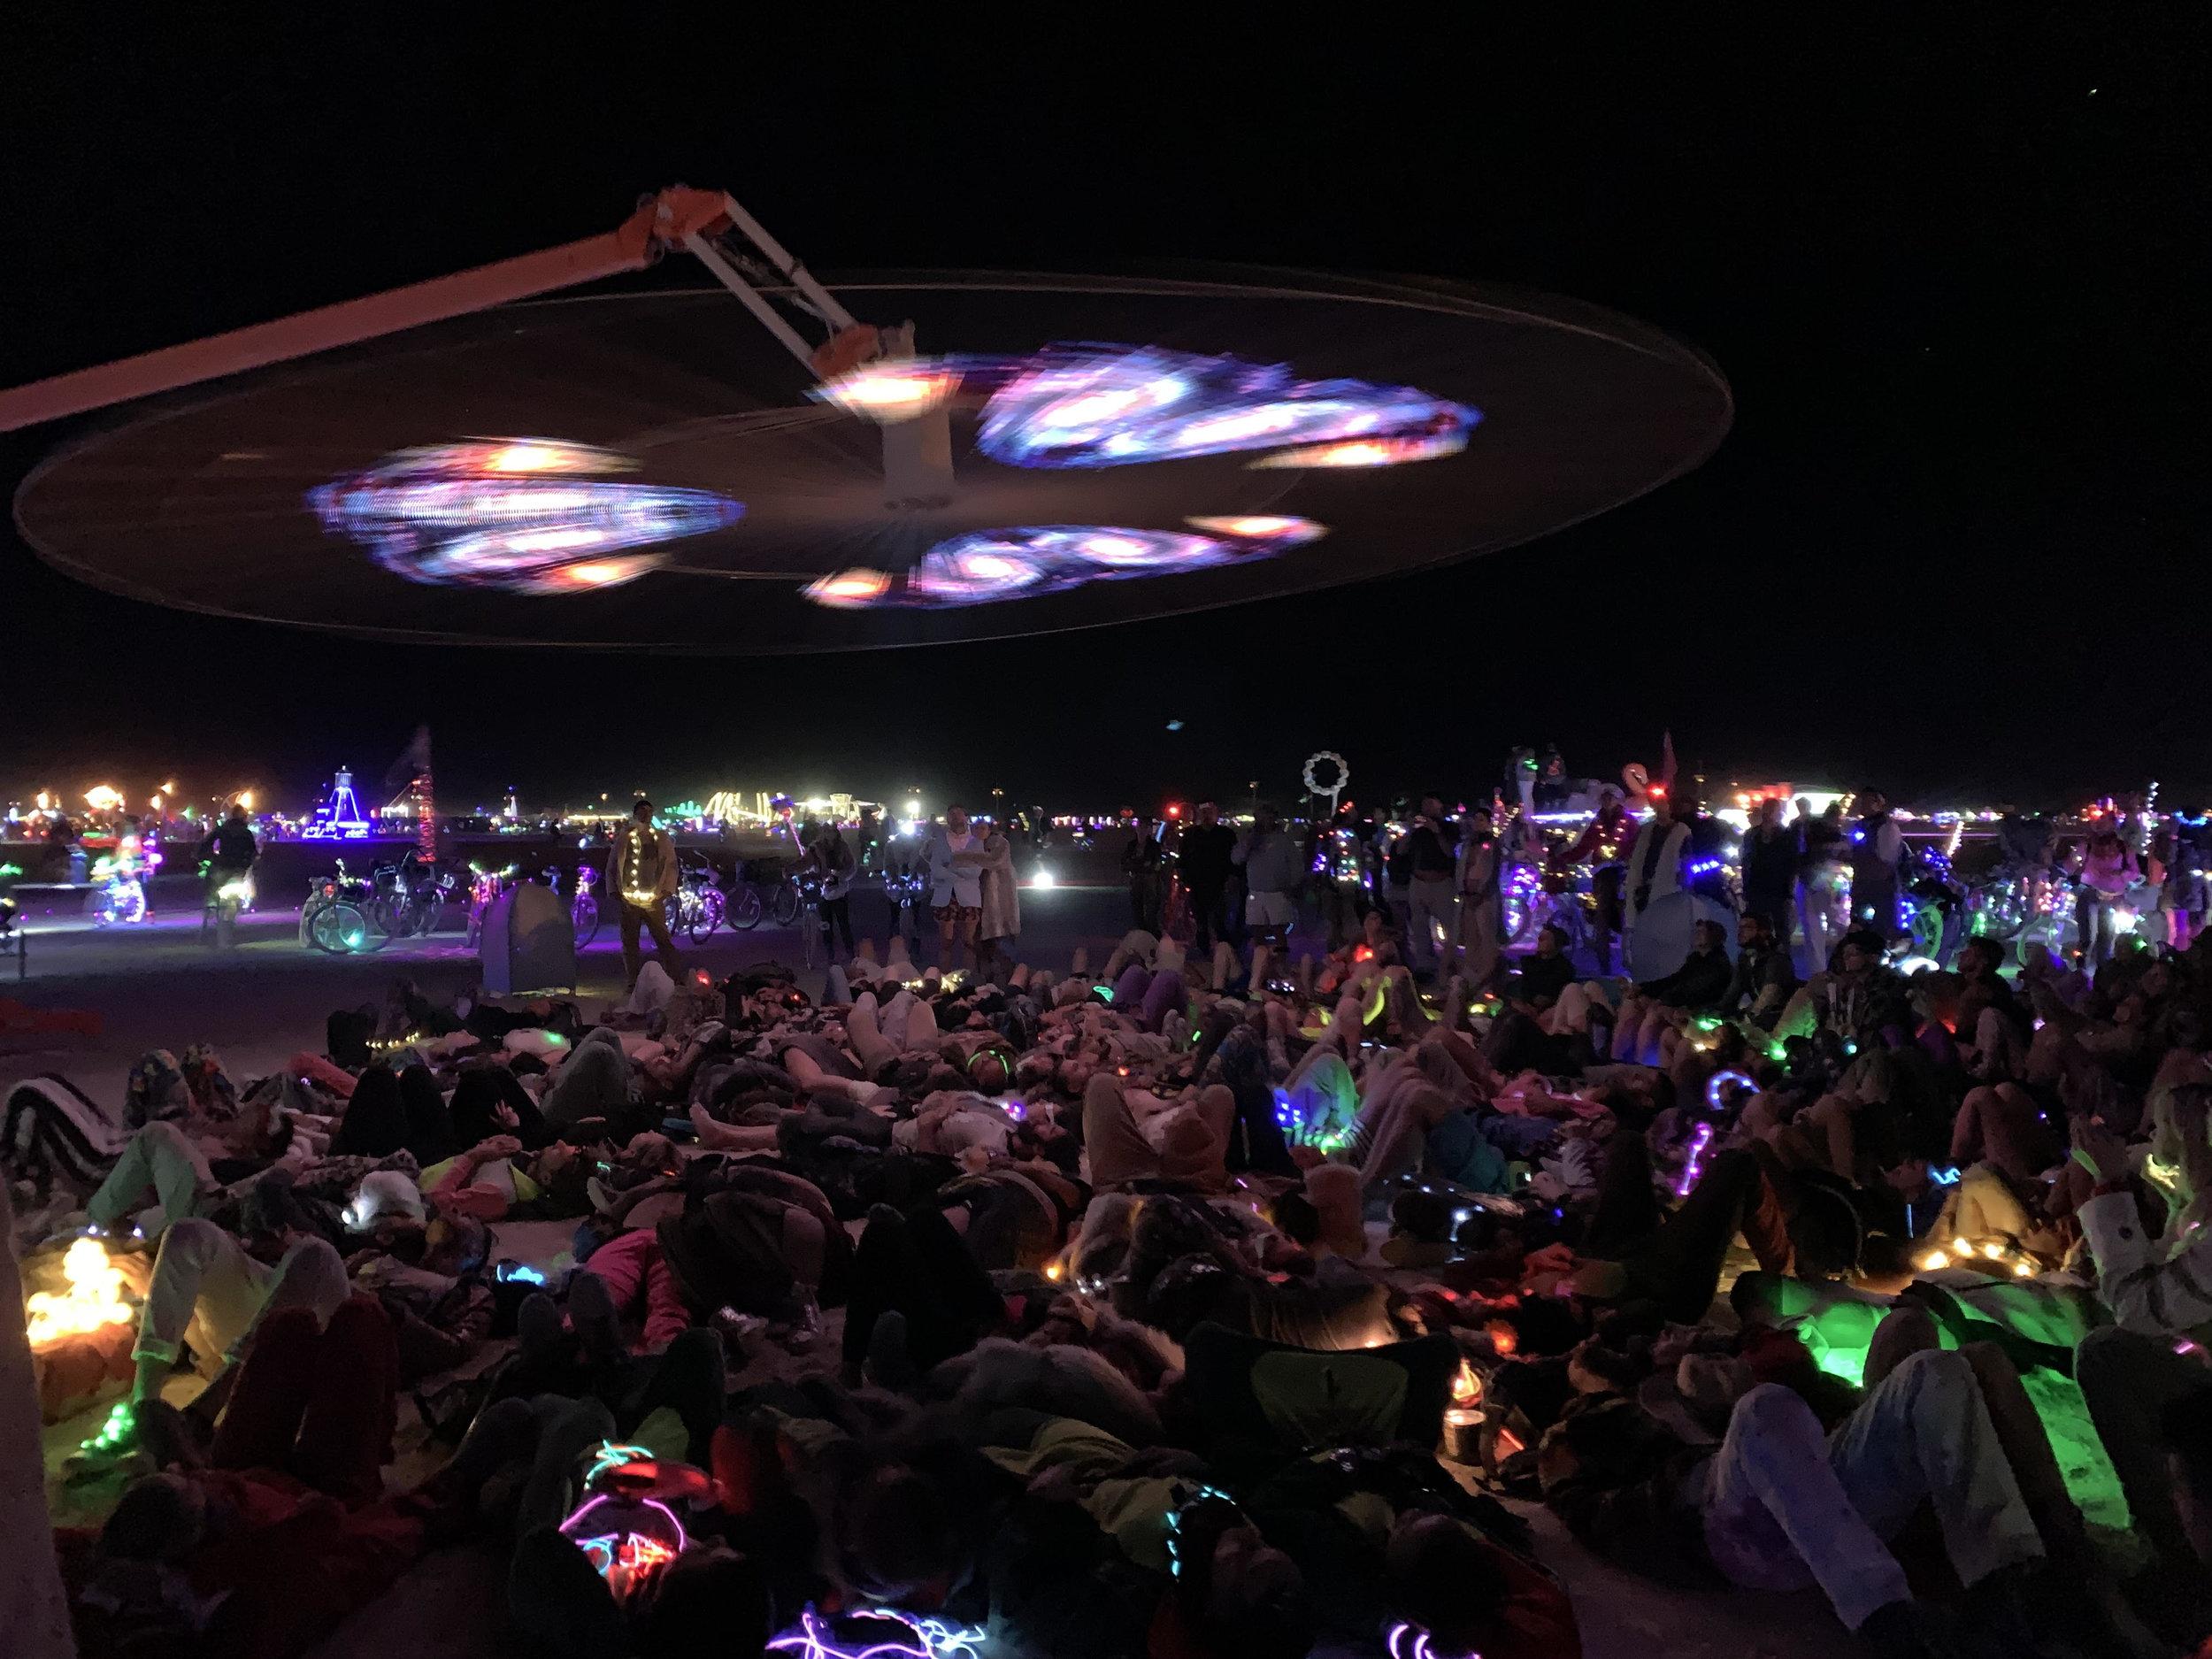 Art installation at Burning Man - 8/19